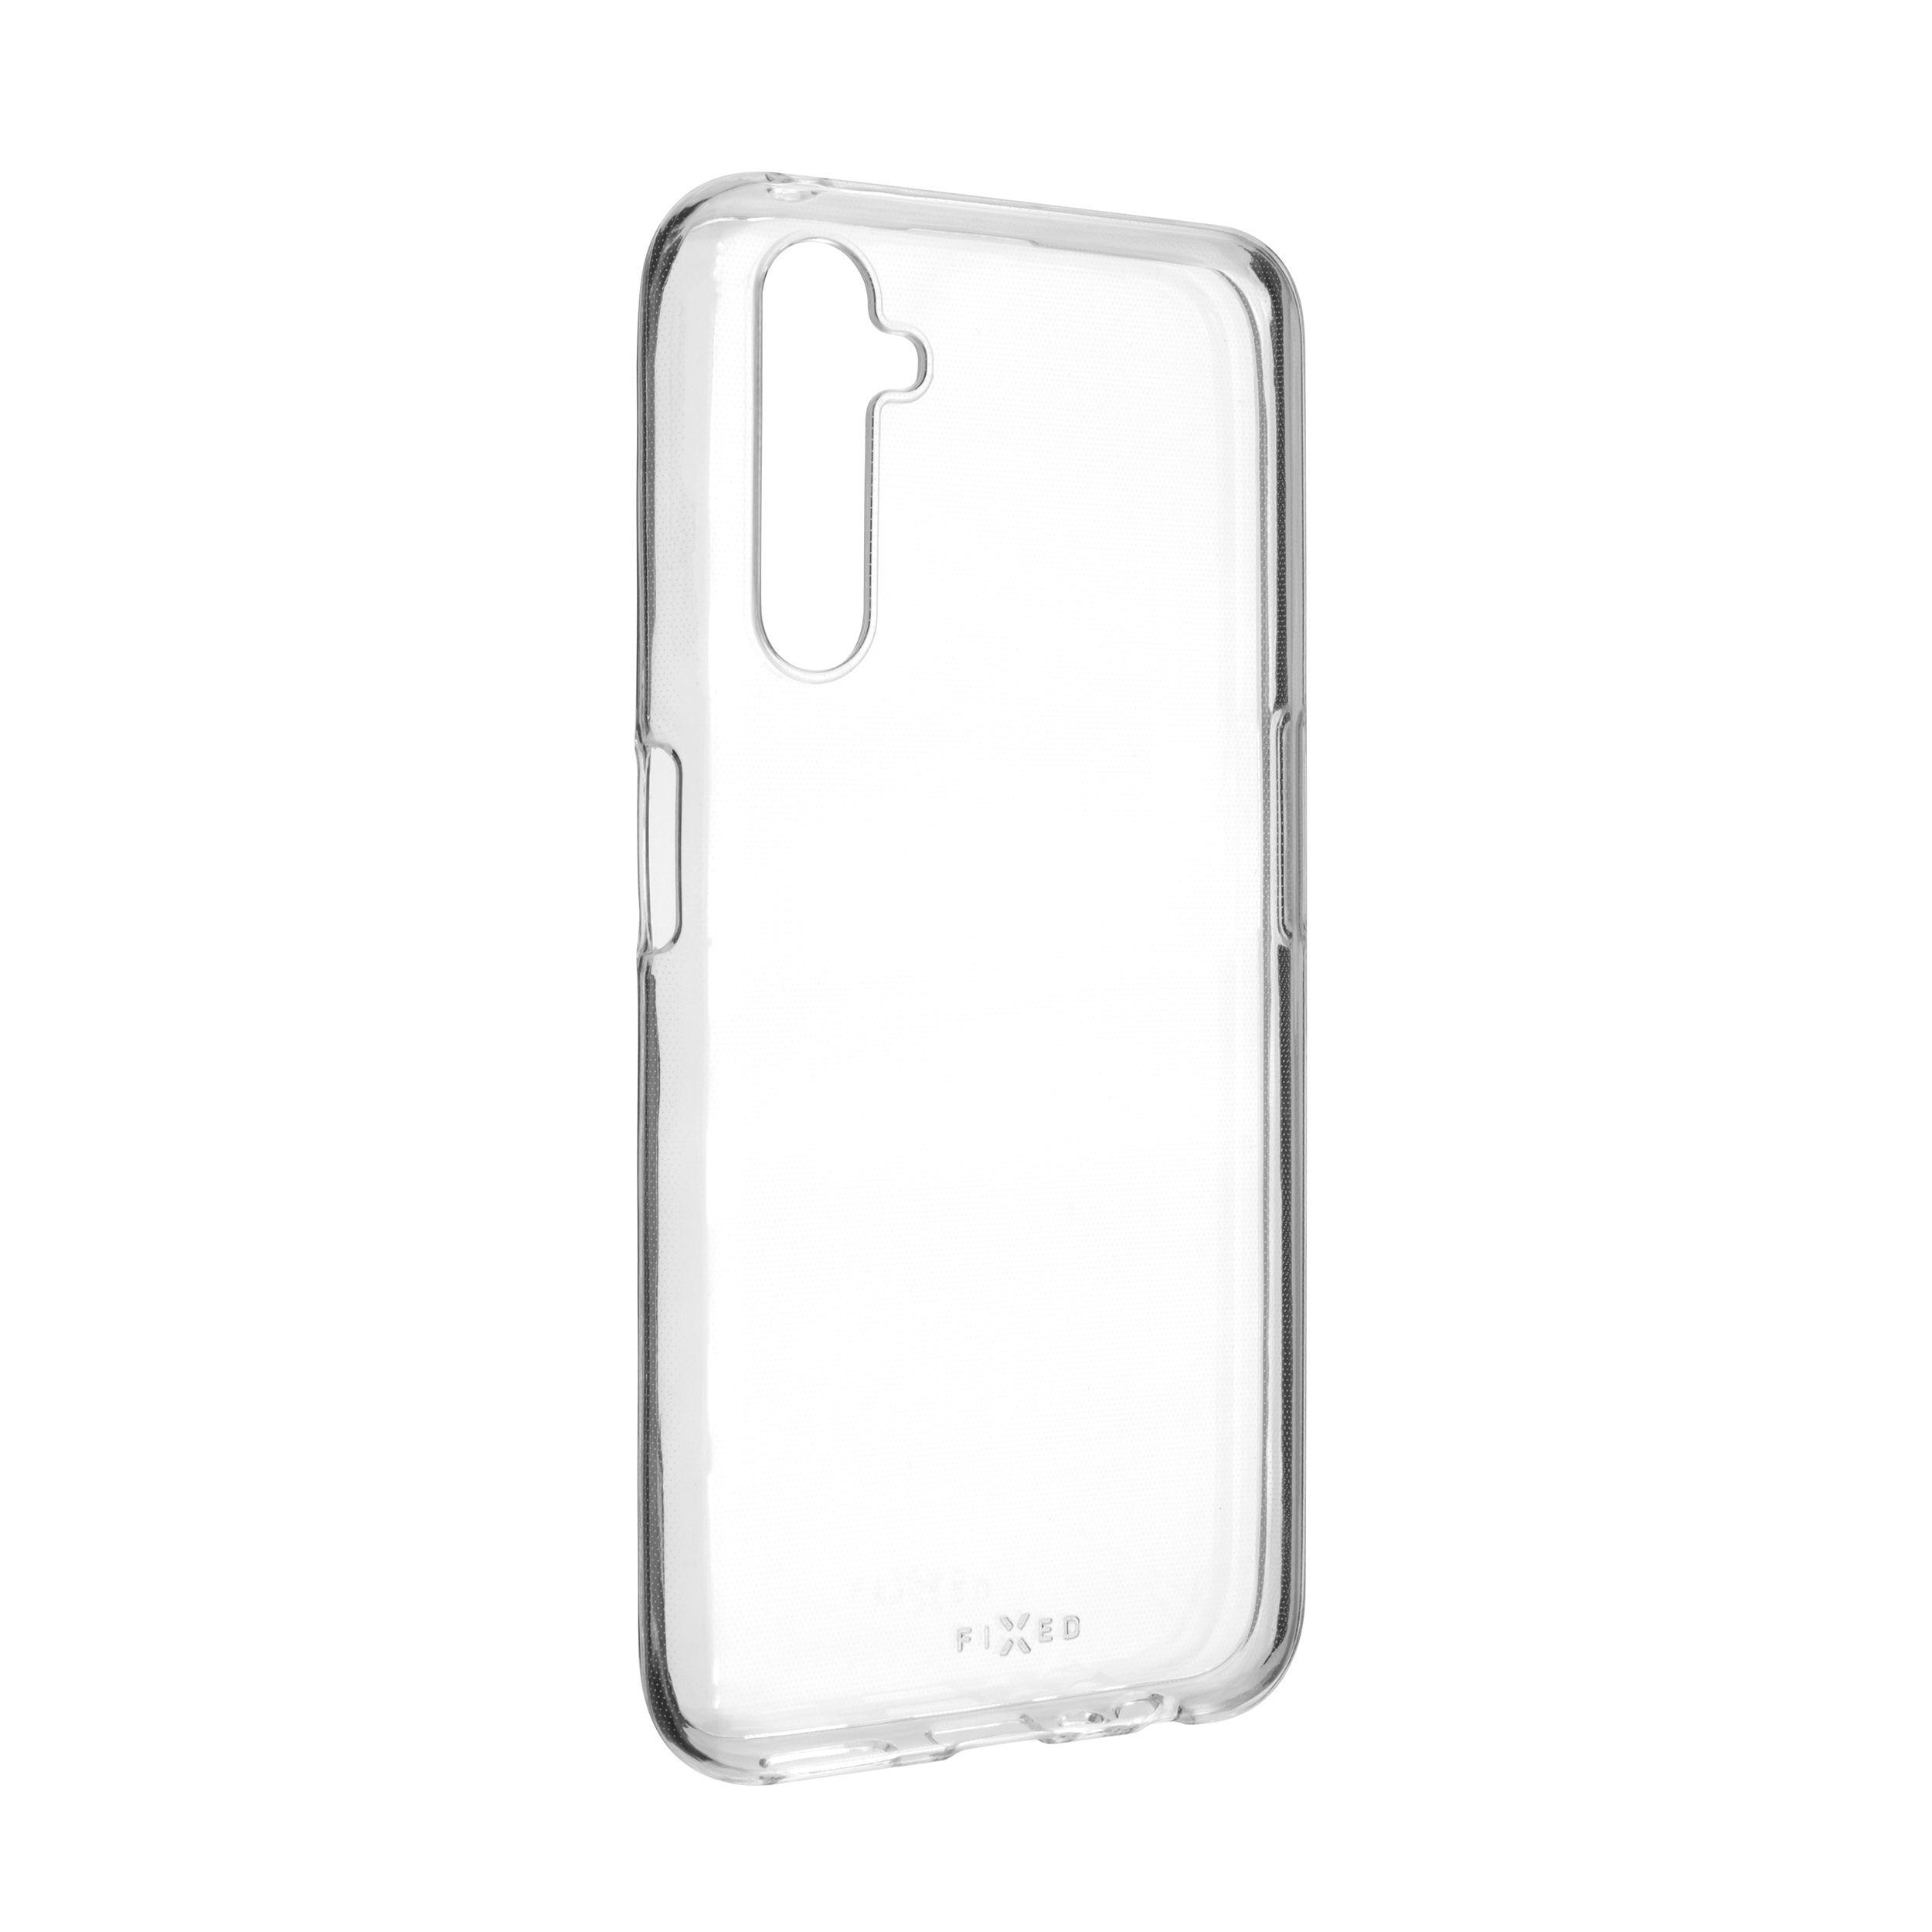 Ultratenké TPU gelové pouzdro FIXED Skin pro Realme 6 Pro, 0,6 mm, čiré